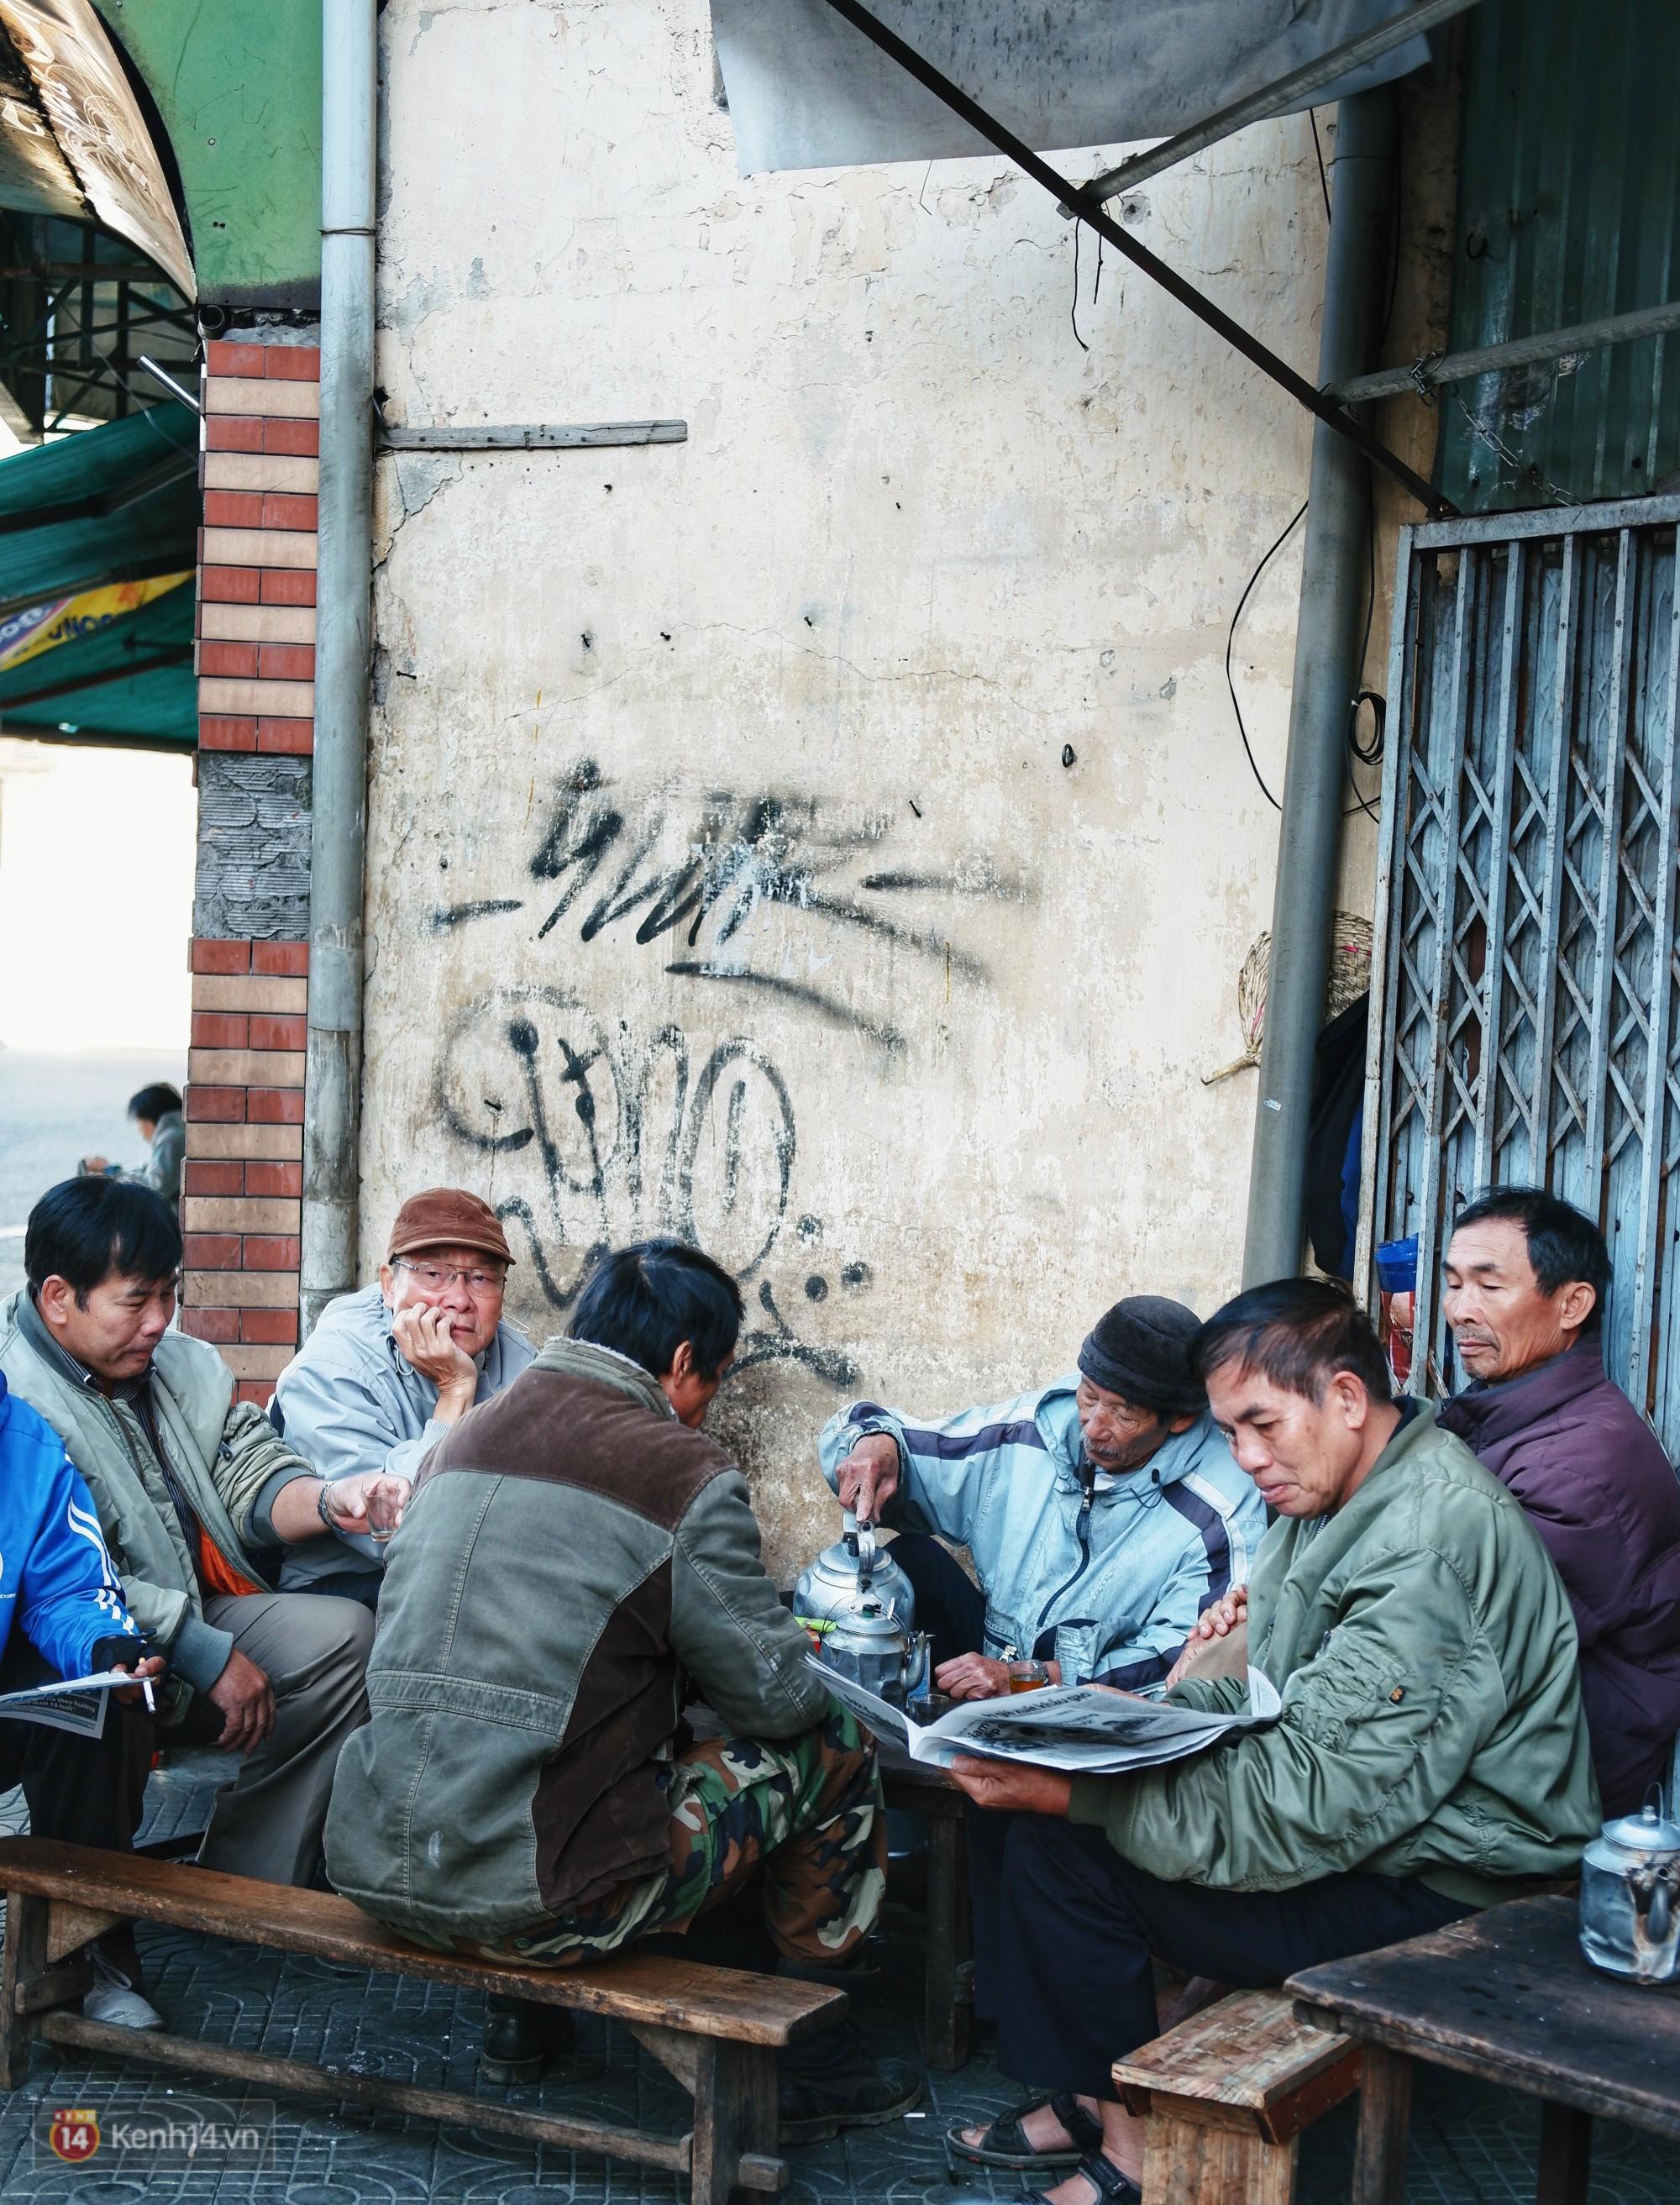 Quán cà phê vợt độc nhất vô nhị ở Đà Lạt, 30 năm chỉ bán từ 4 giờ sáng đến hơn 7 giờ sáng mỗi ngày - Ảnh 3.